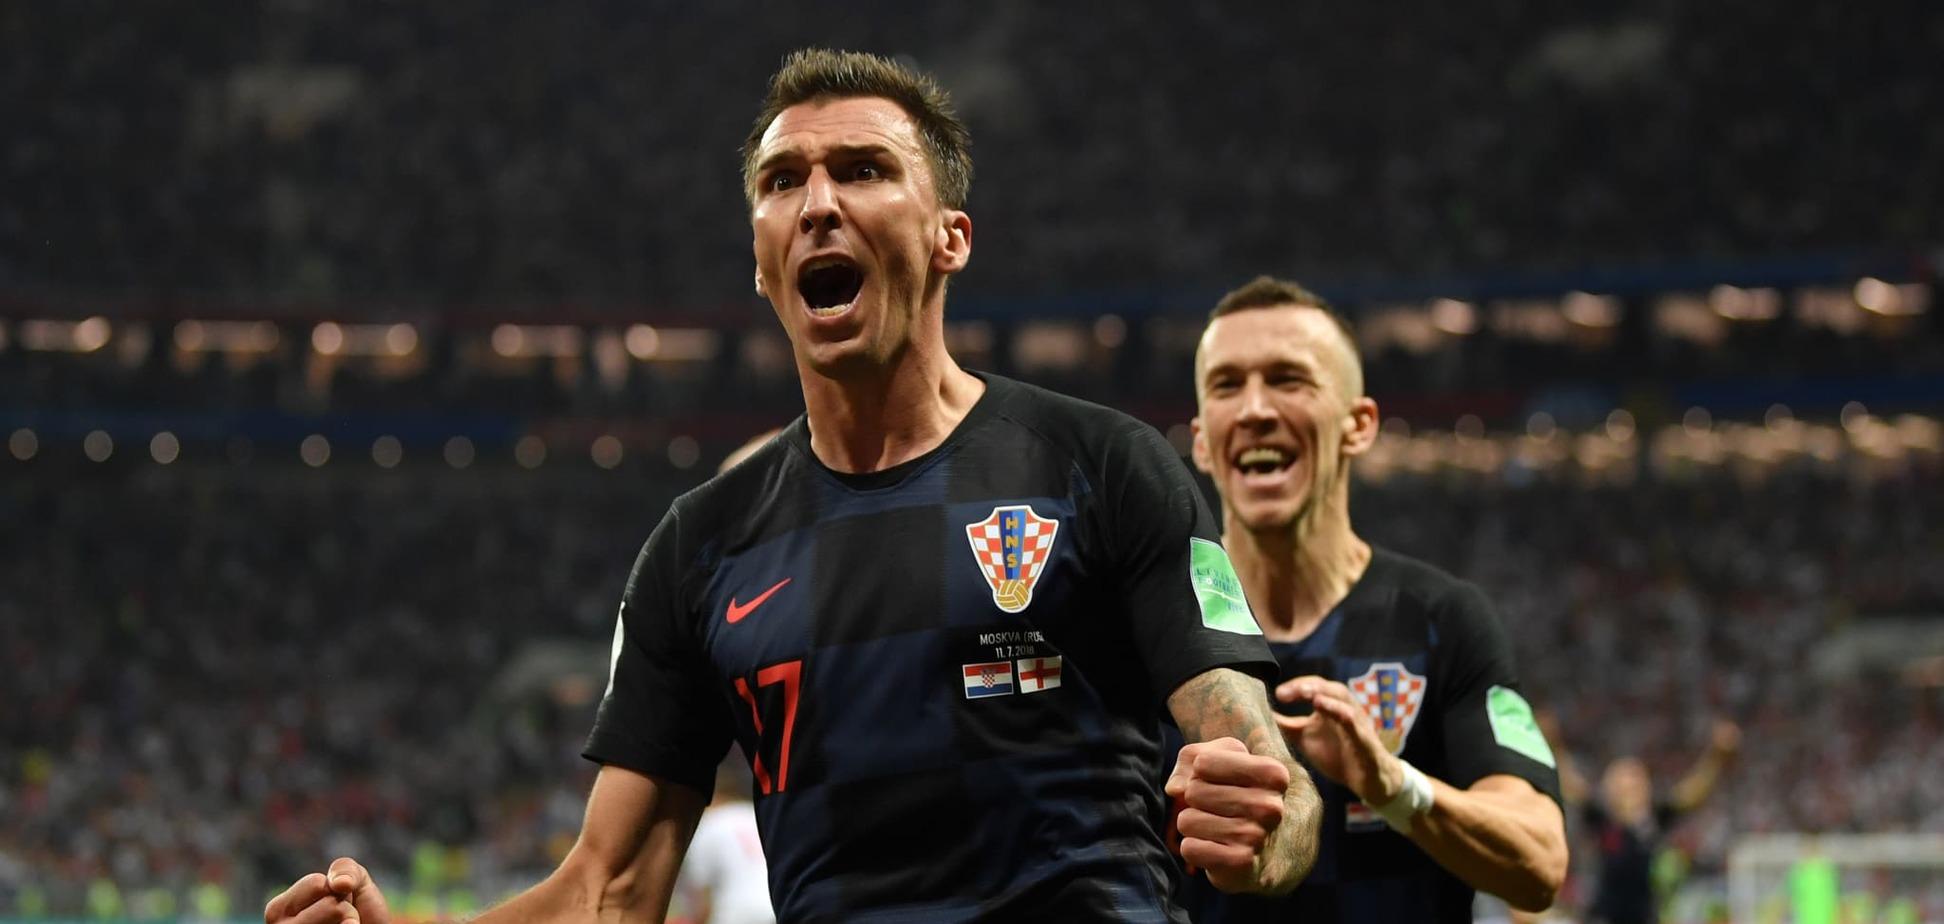 Хорватські яйця крутіше англійських: підсумки півфіналу ЧС-2018